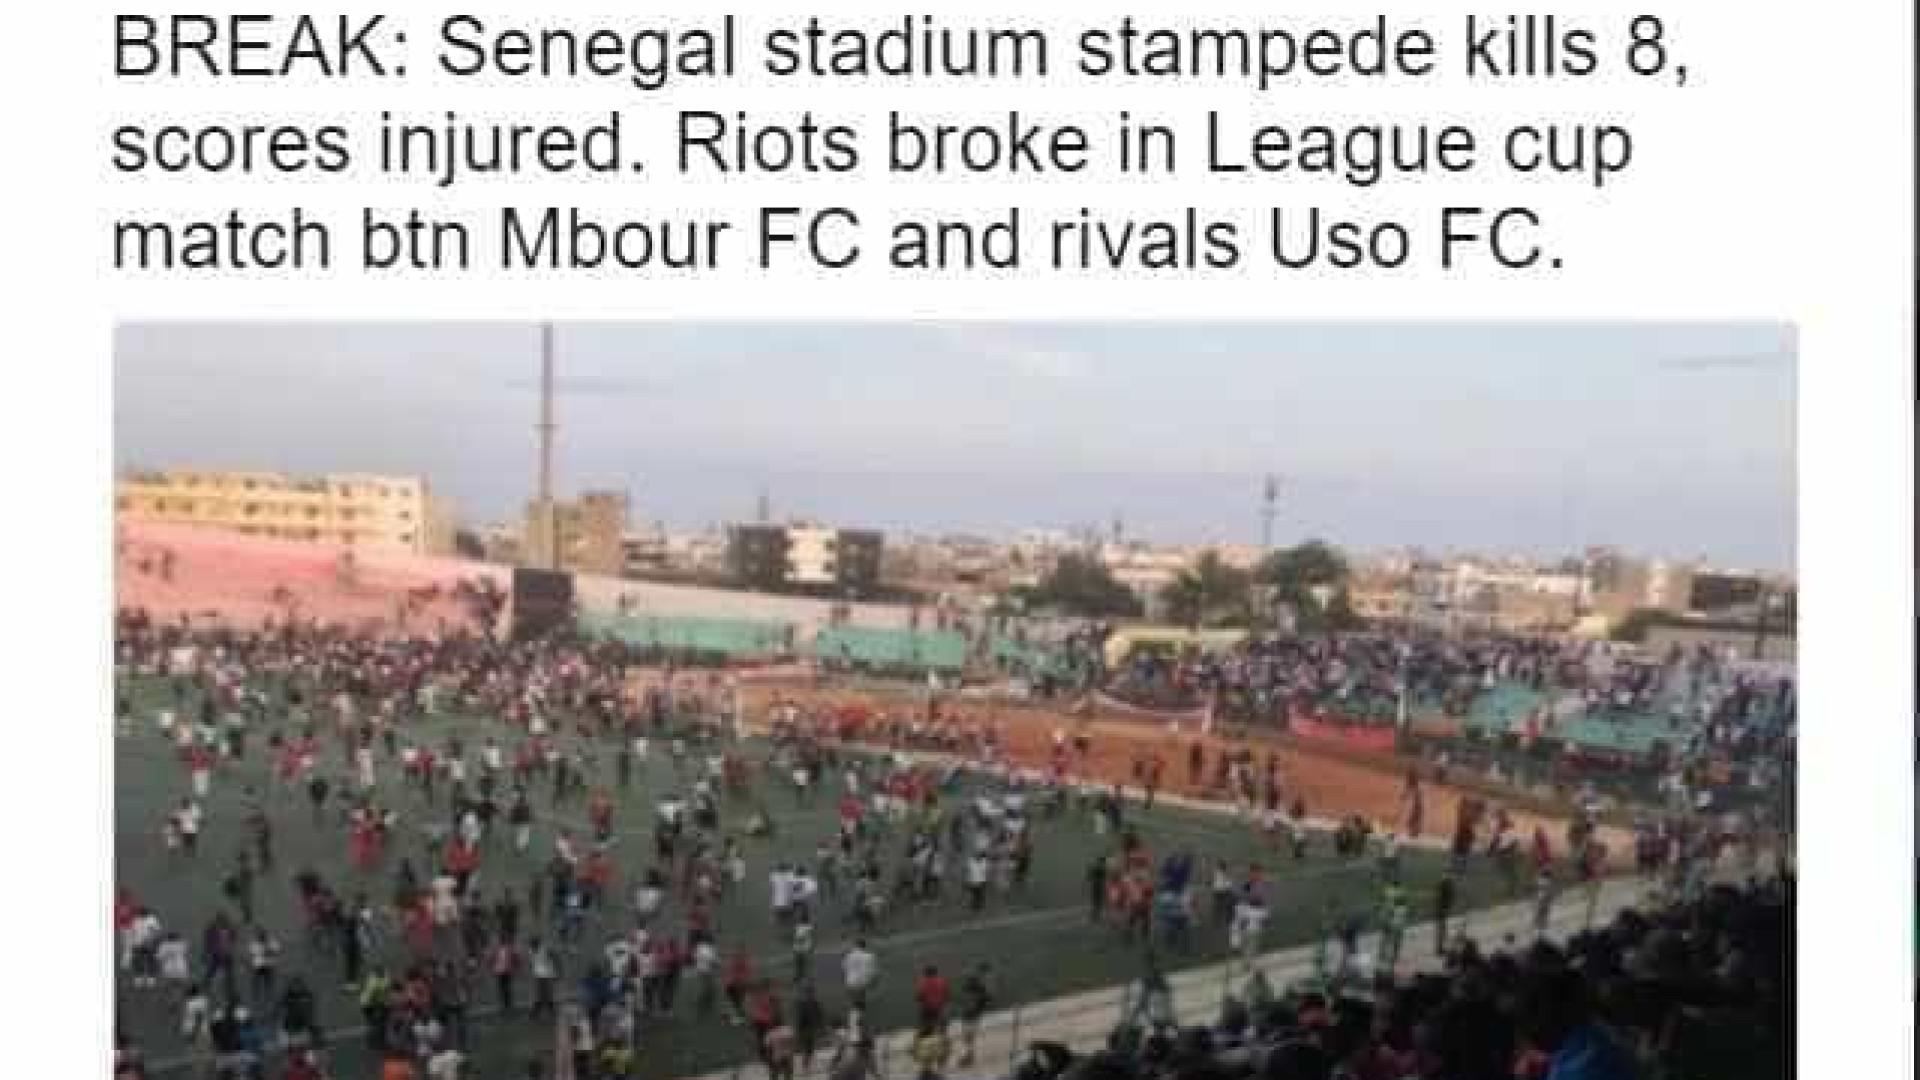 Oito pessoas morrem durante briga entre  torcidas no Senegal; vídeo